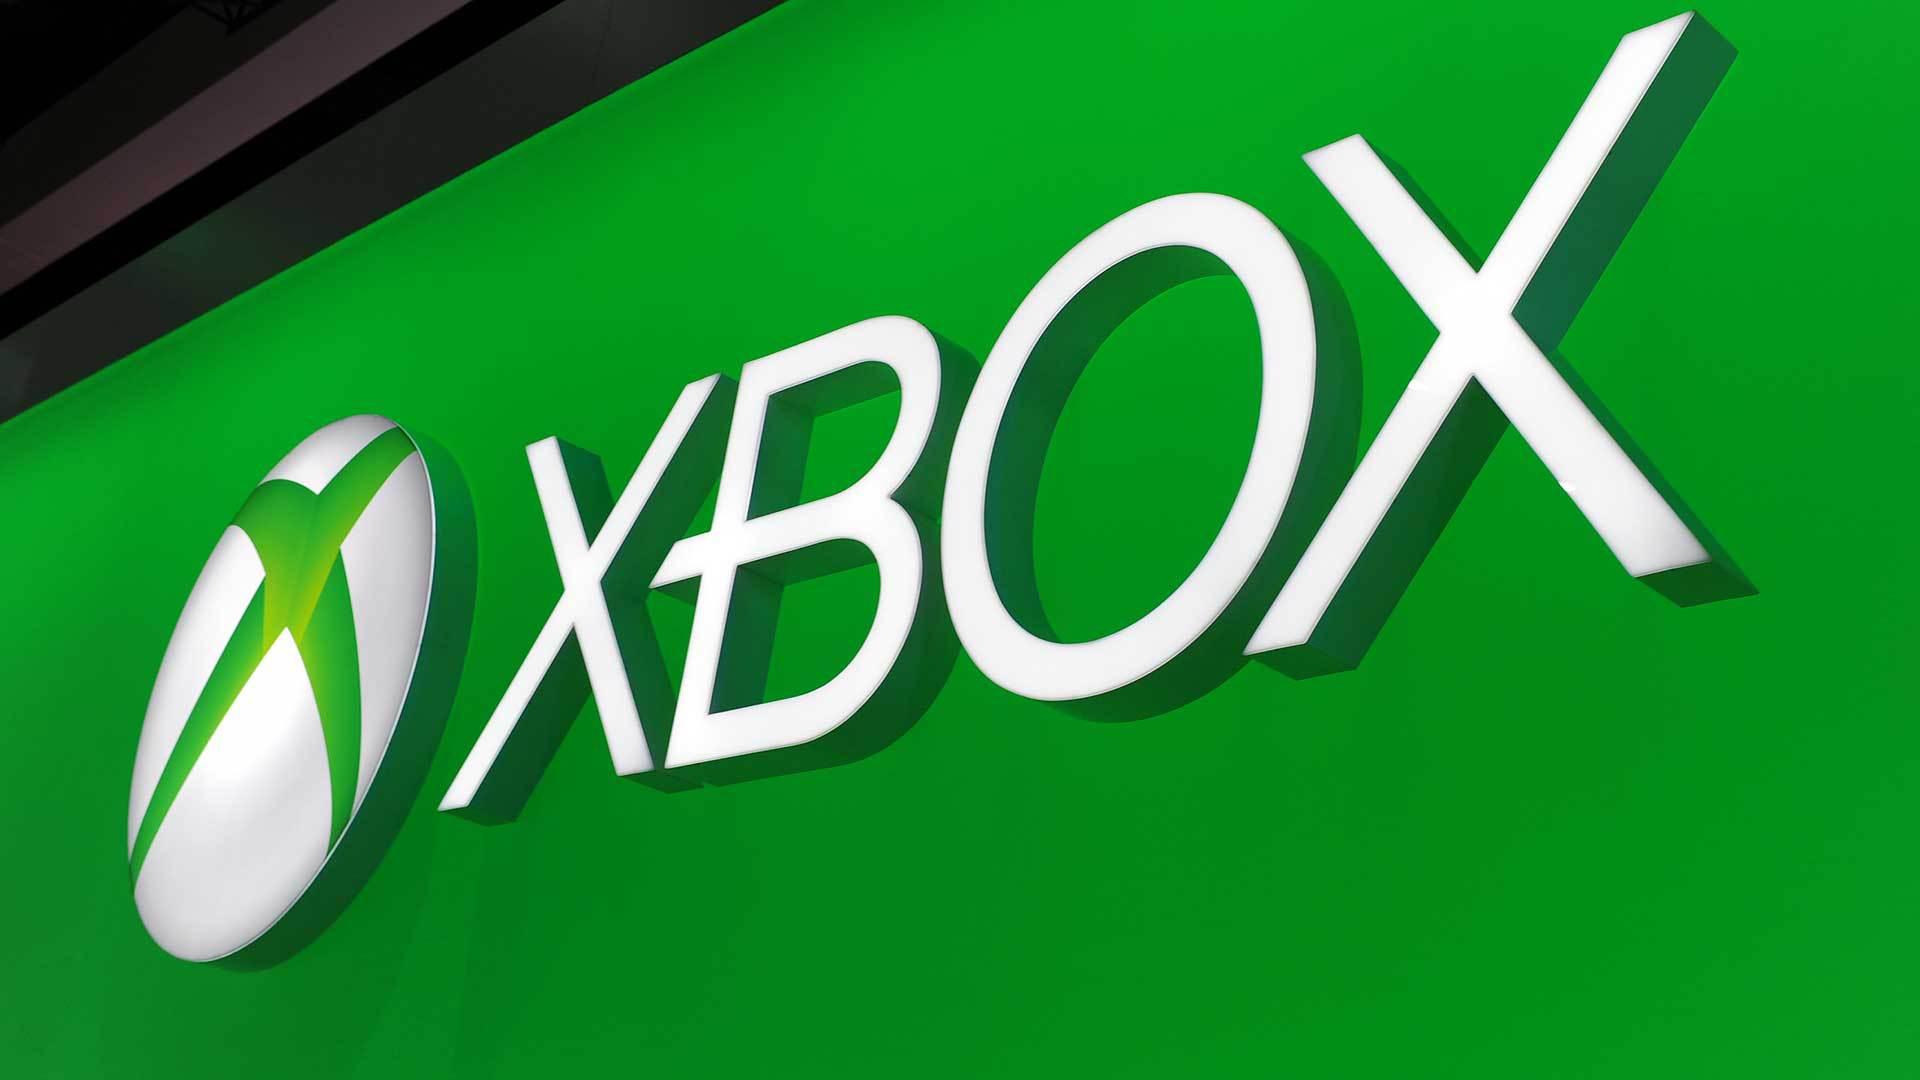 Microsoft anuncia tristemente que tampoco asistirá a la GDC 2020 2